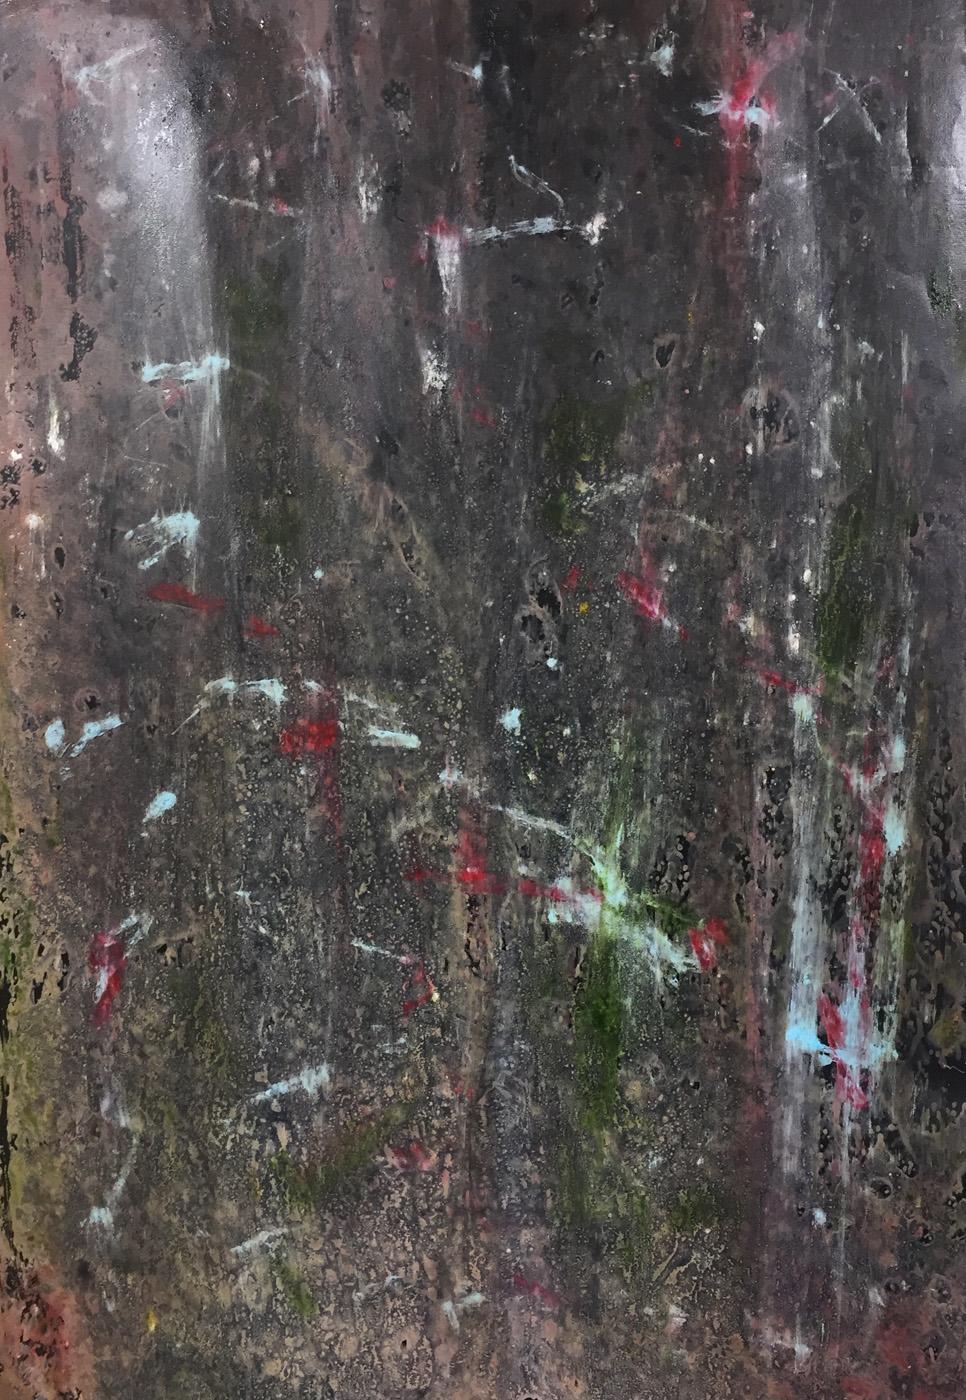 MARC FELD 2020 POSSIBILITIES 2 Huile, acrylique et pigment sur papier 70 x 130 cm